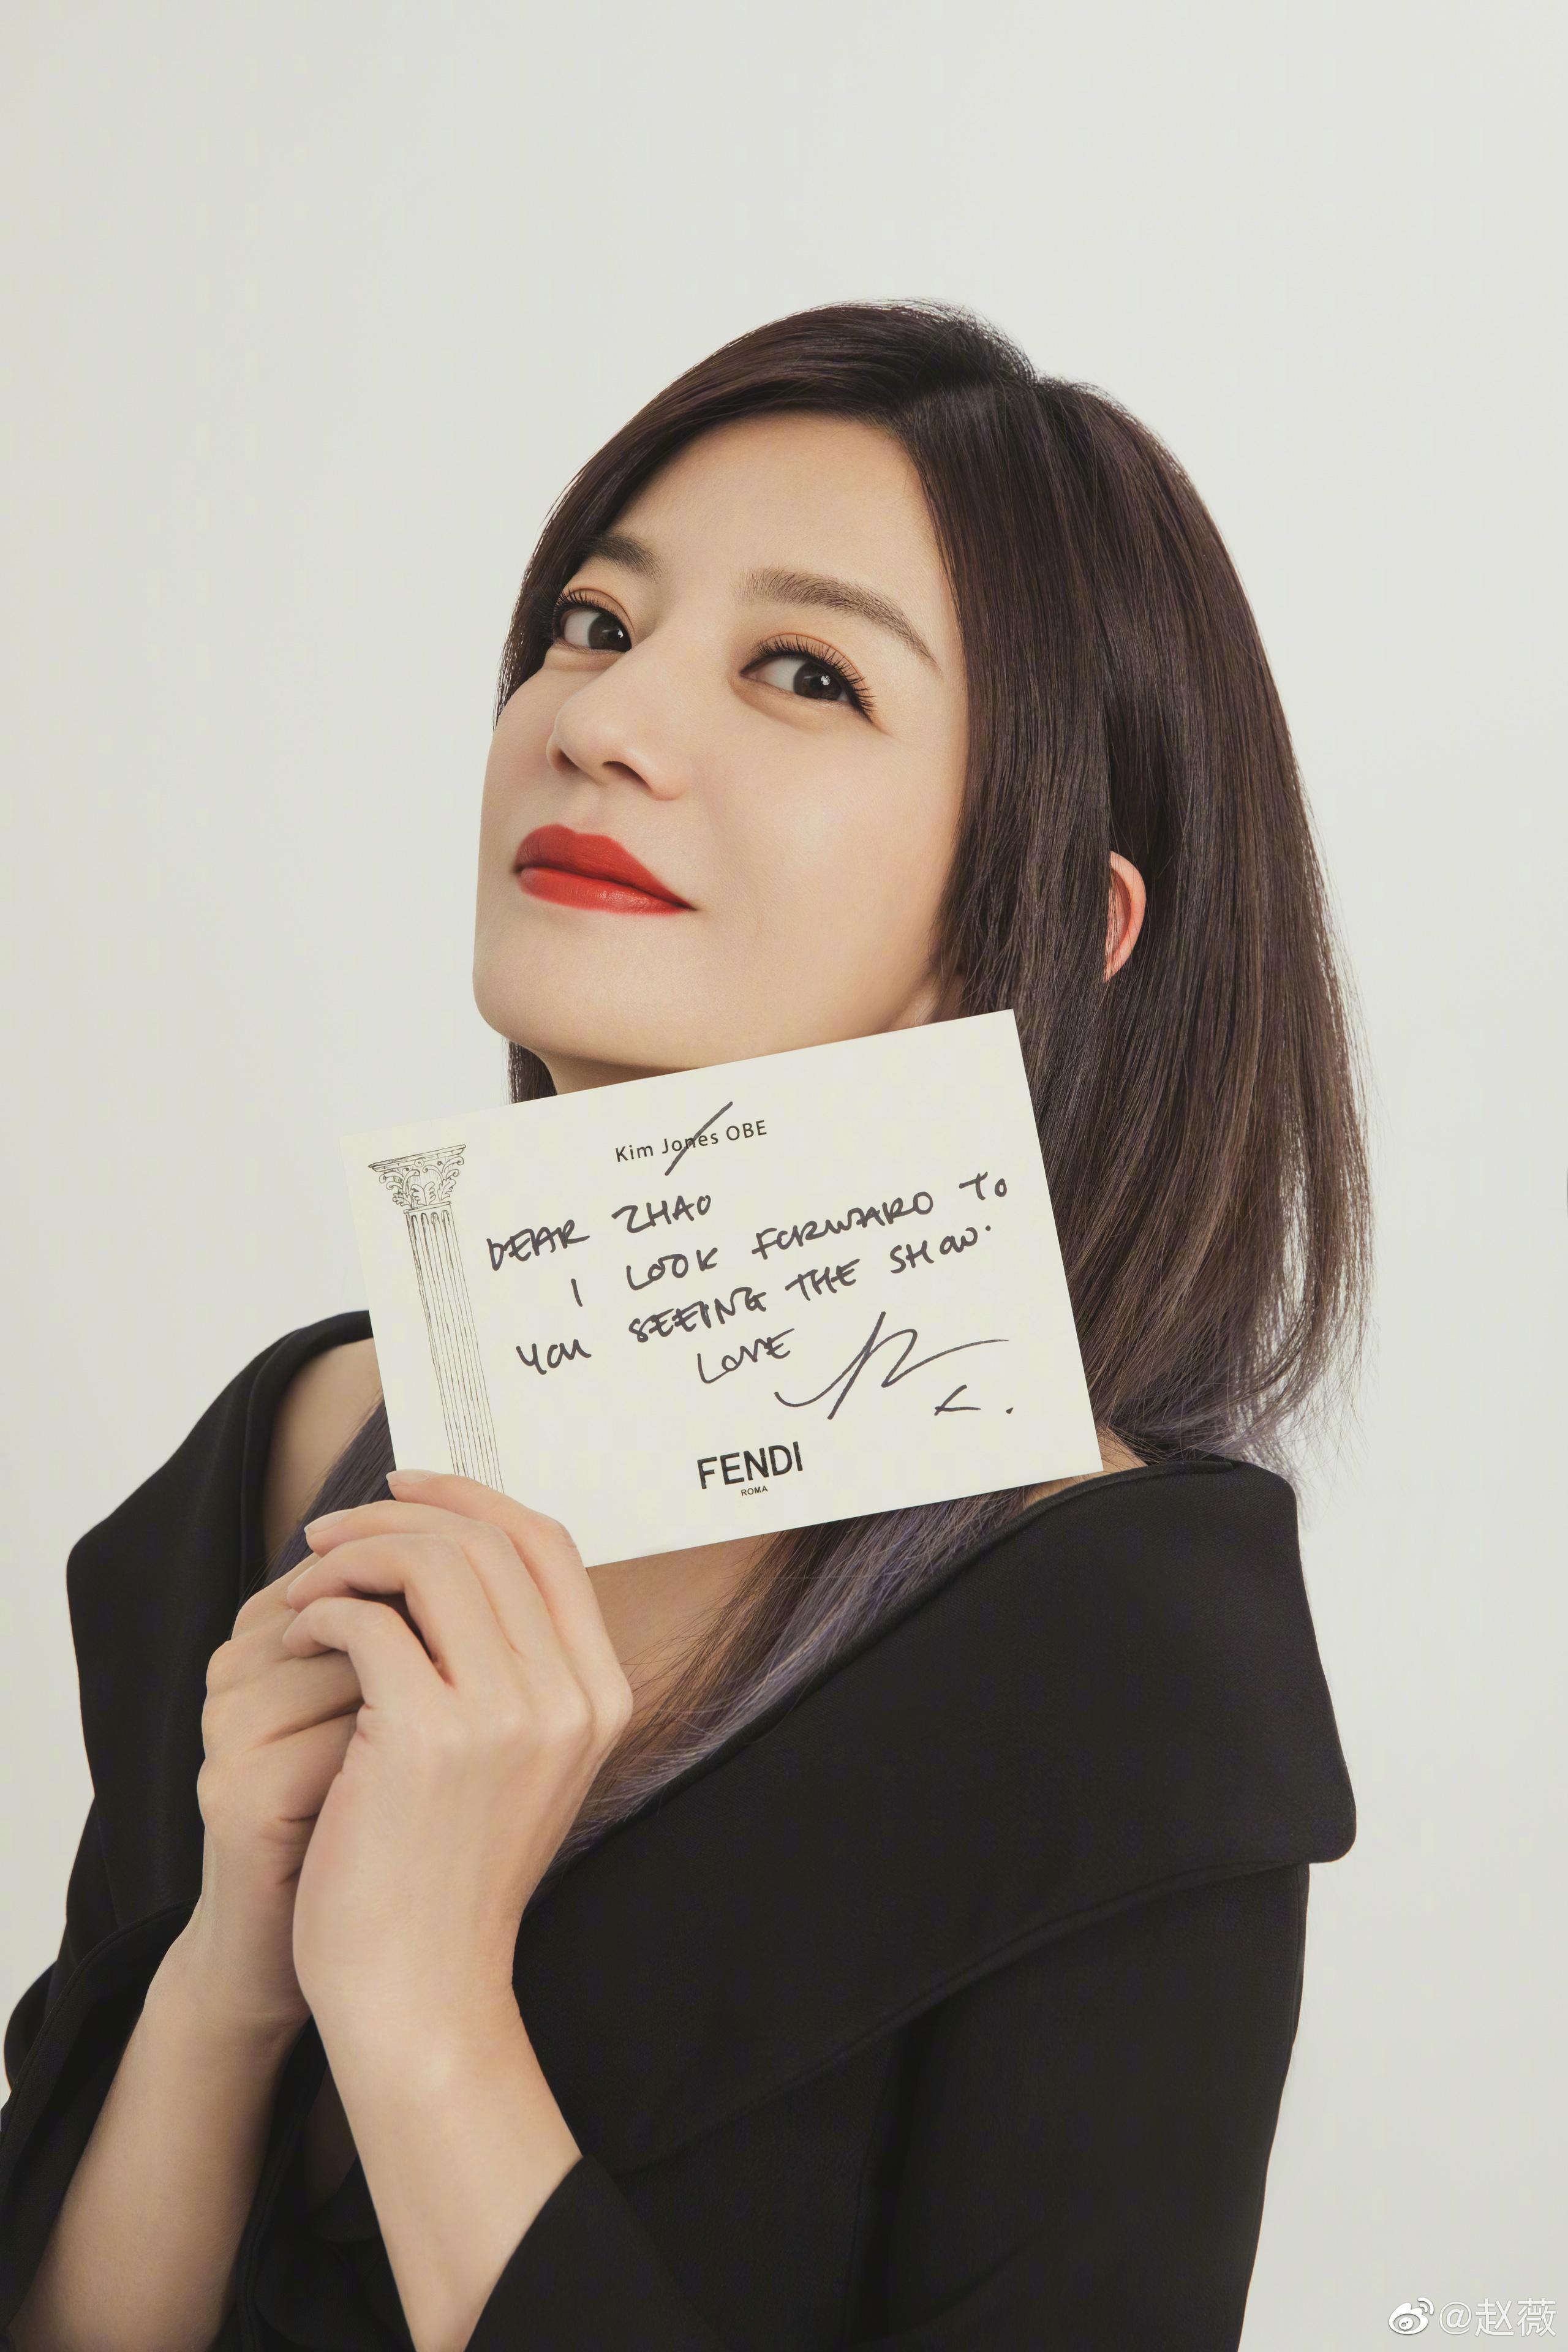 """Diện kiểu áo na ná, Triệu Vy trễ nại gợi cảm, Song Hye Kyo """"cao tay"""" chỉnh sửa nên bội phần kín đáo, thanh tao - Ảnh 1."""